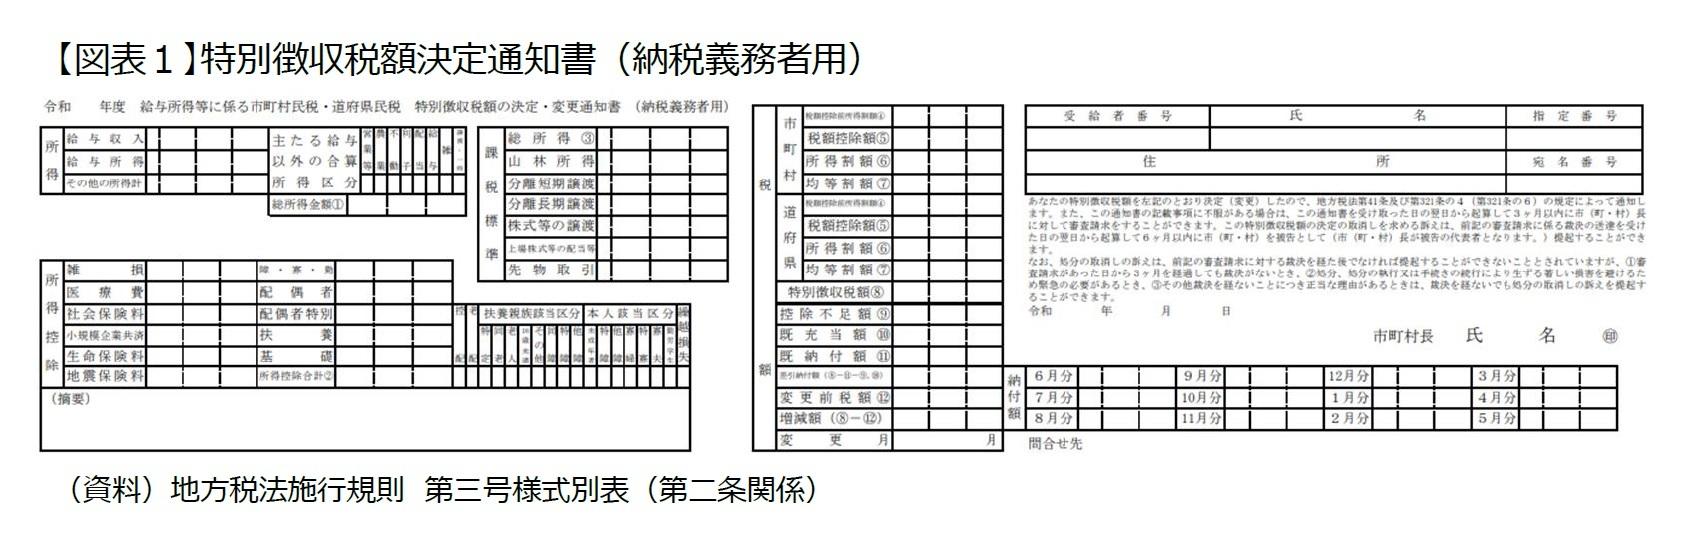 【図表1】特別徴収税額決定通知書(納税義務者用)